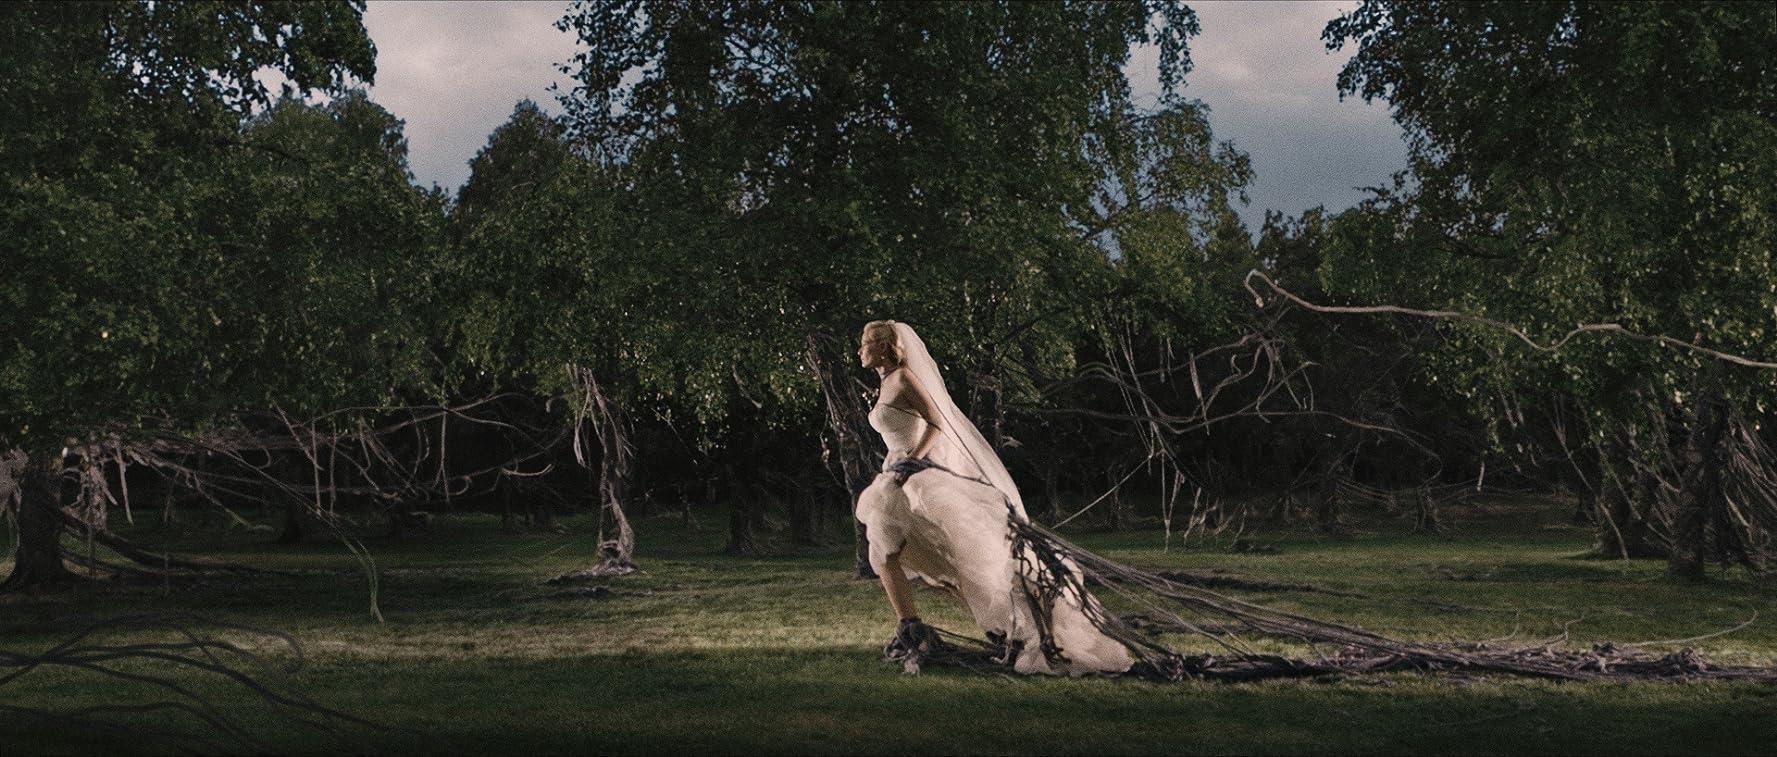 Kirsten Dunst in Melancholia (2011)